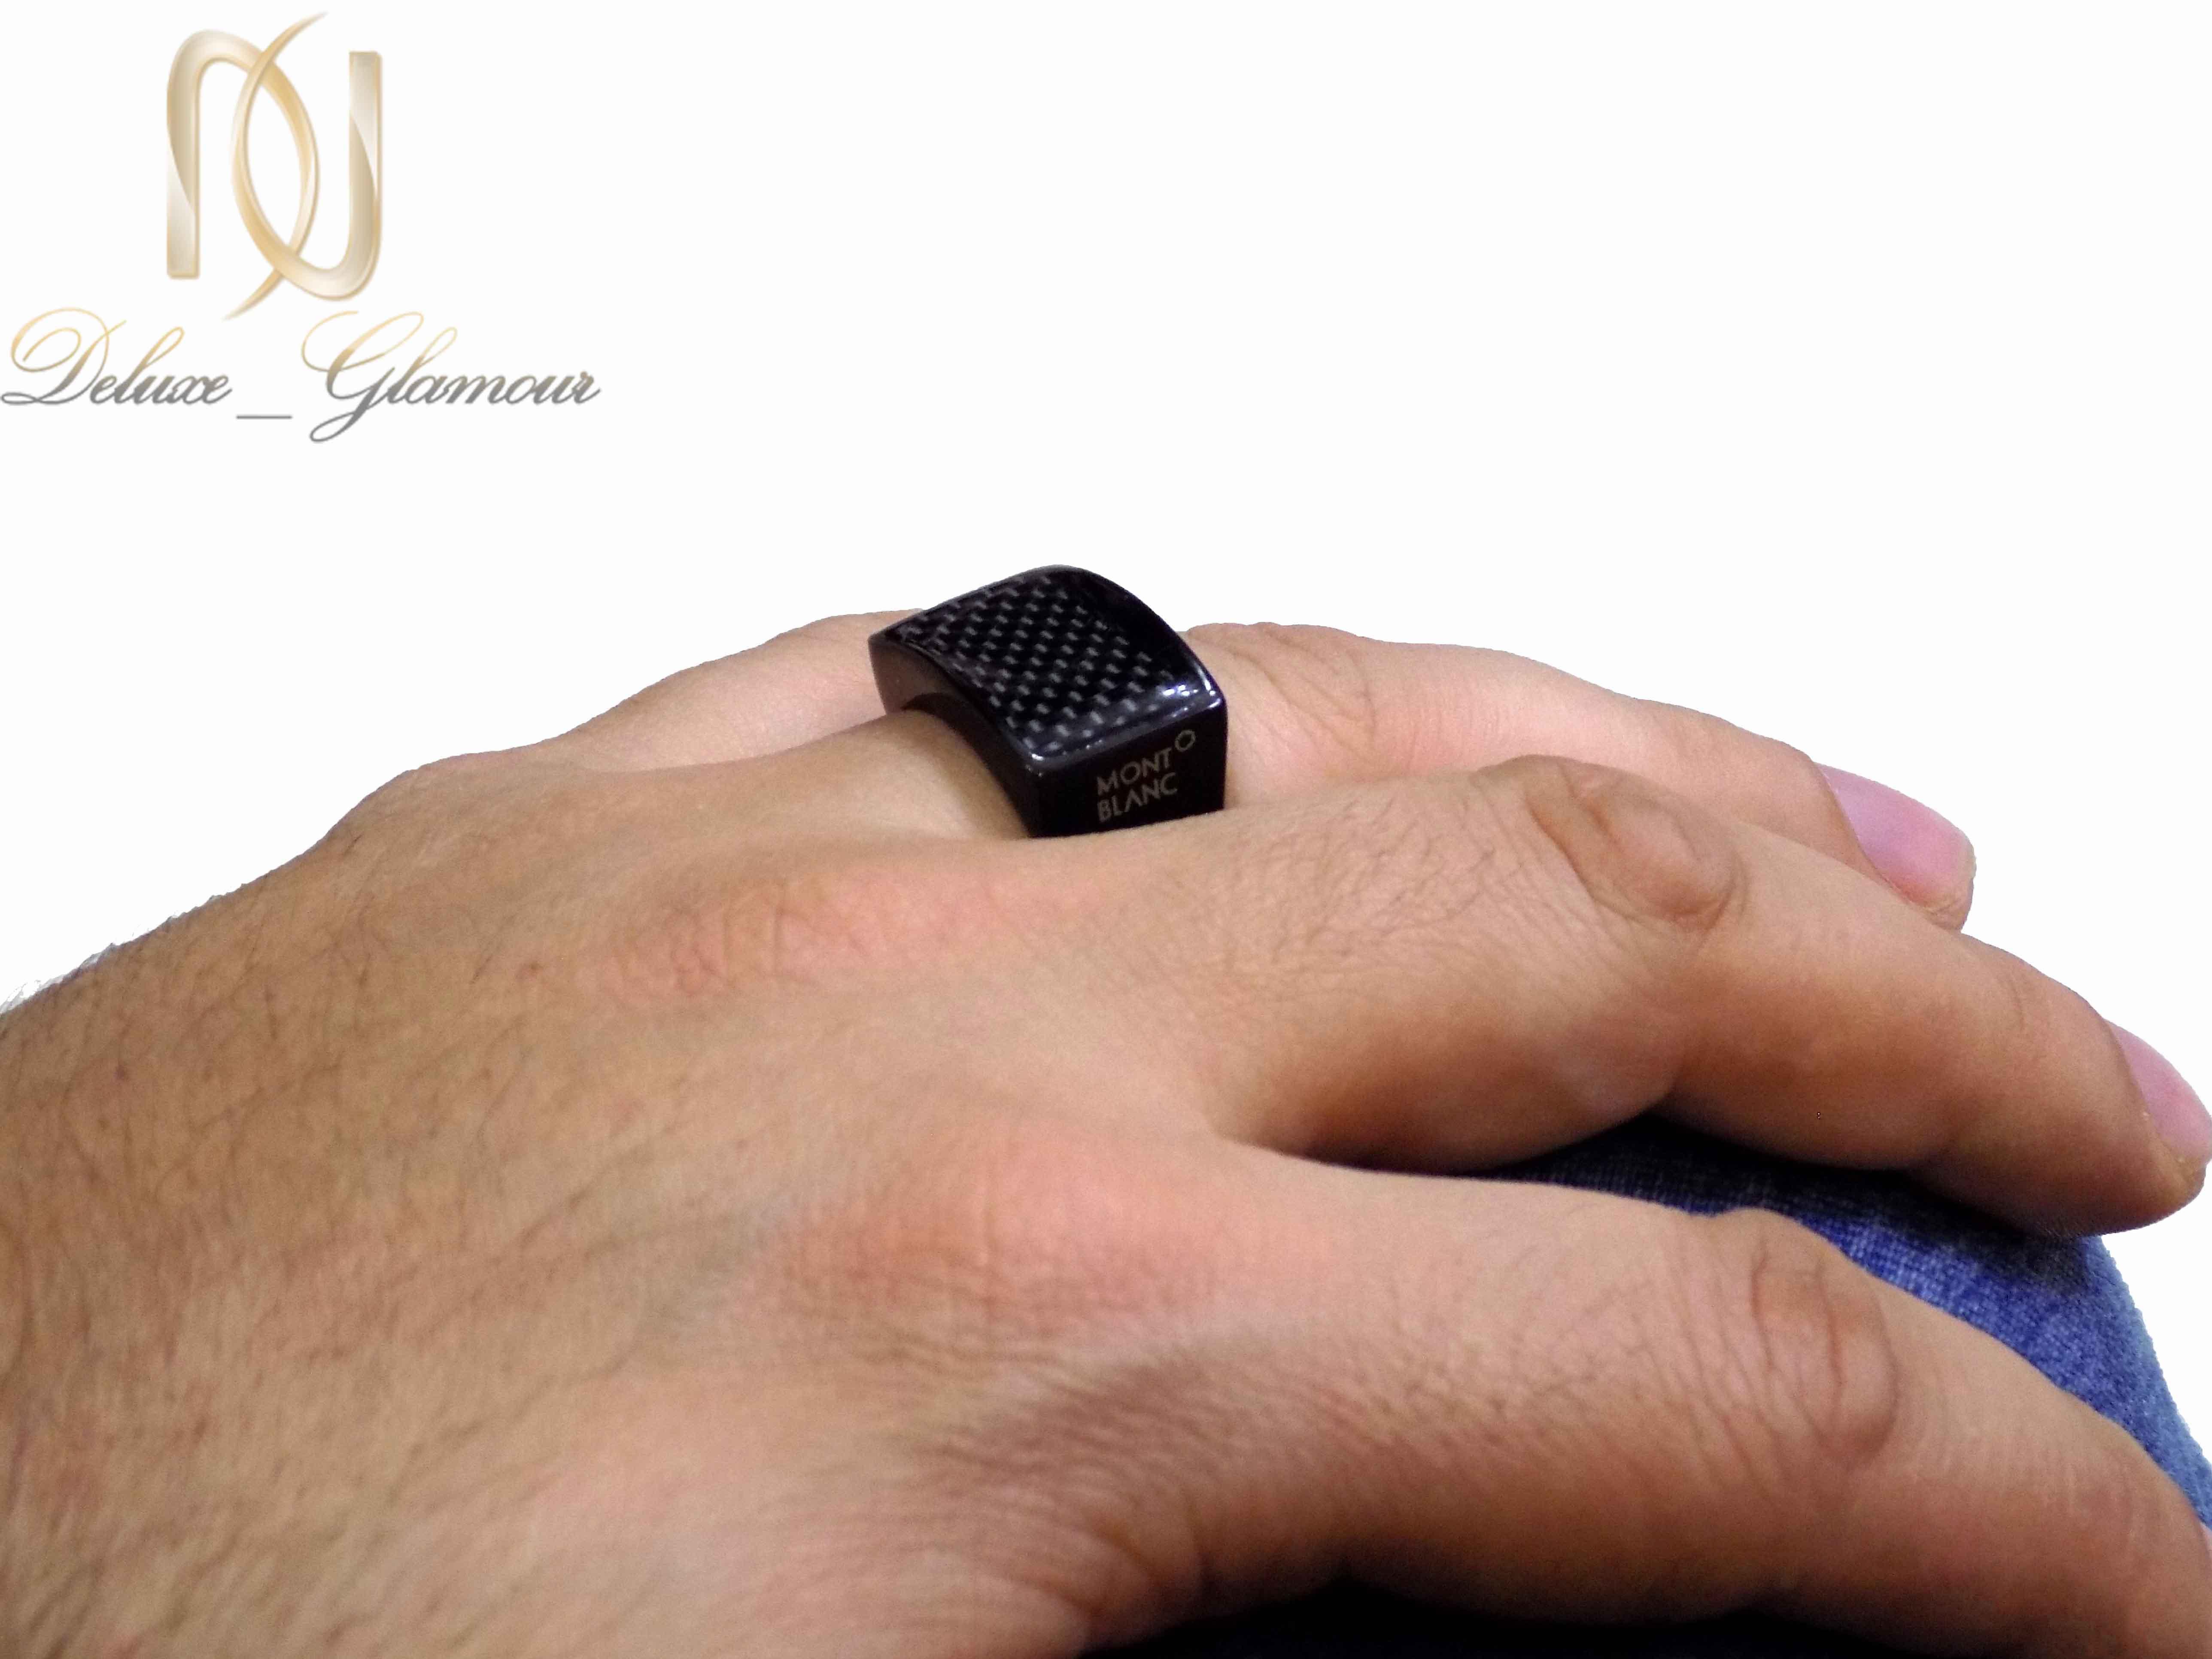 انگشتر مردانه مونت بلانک با تاج مستطیلیRg-267 (3)